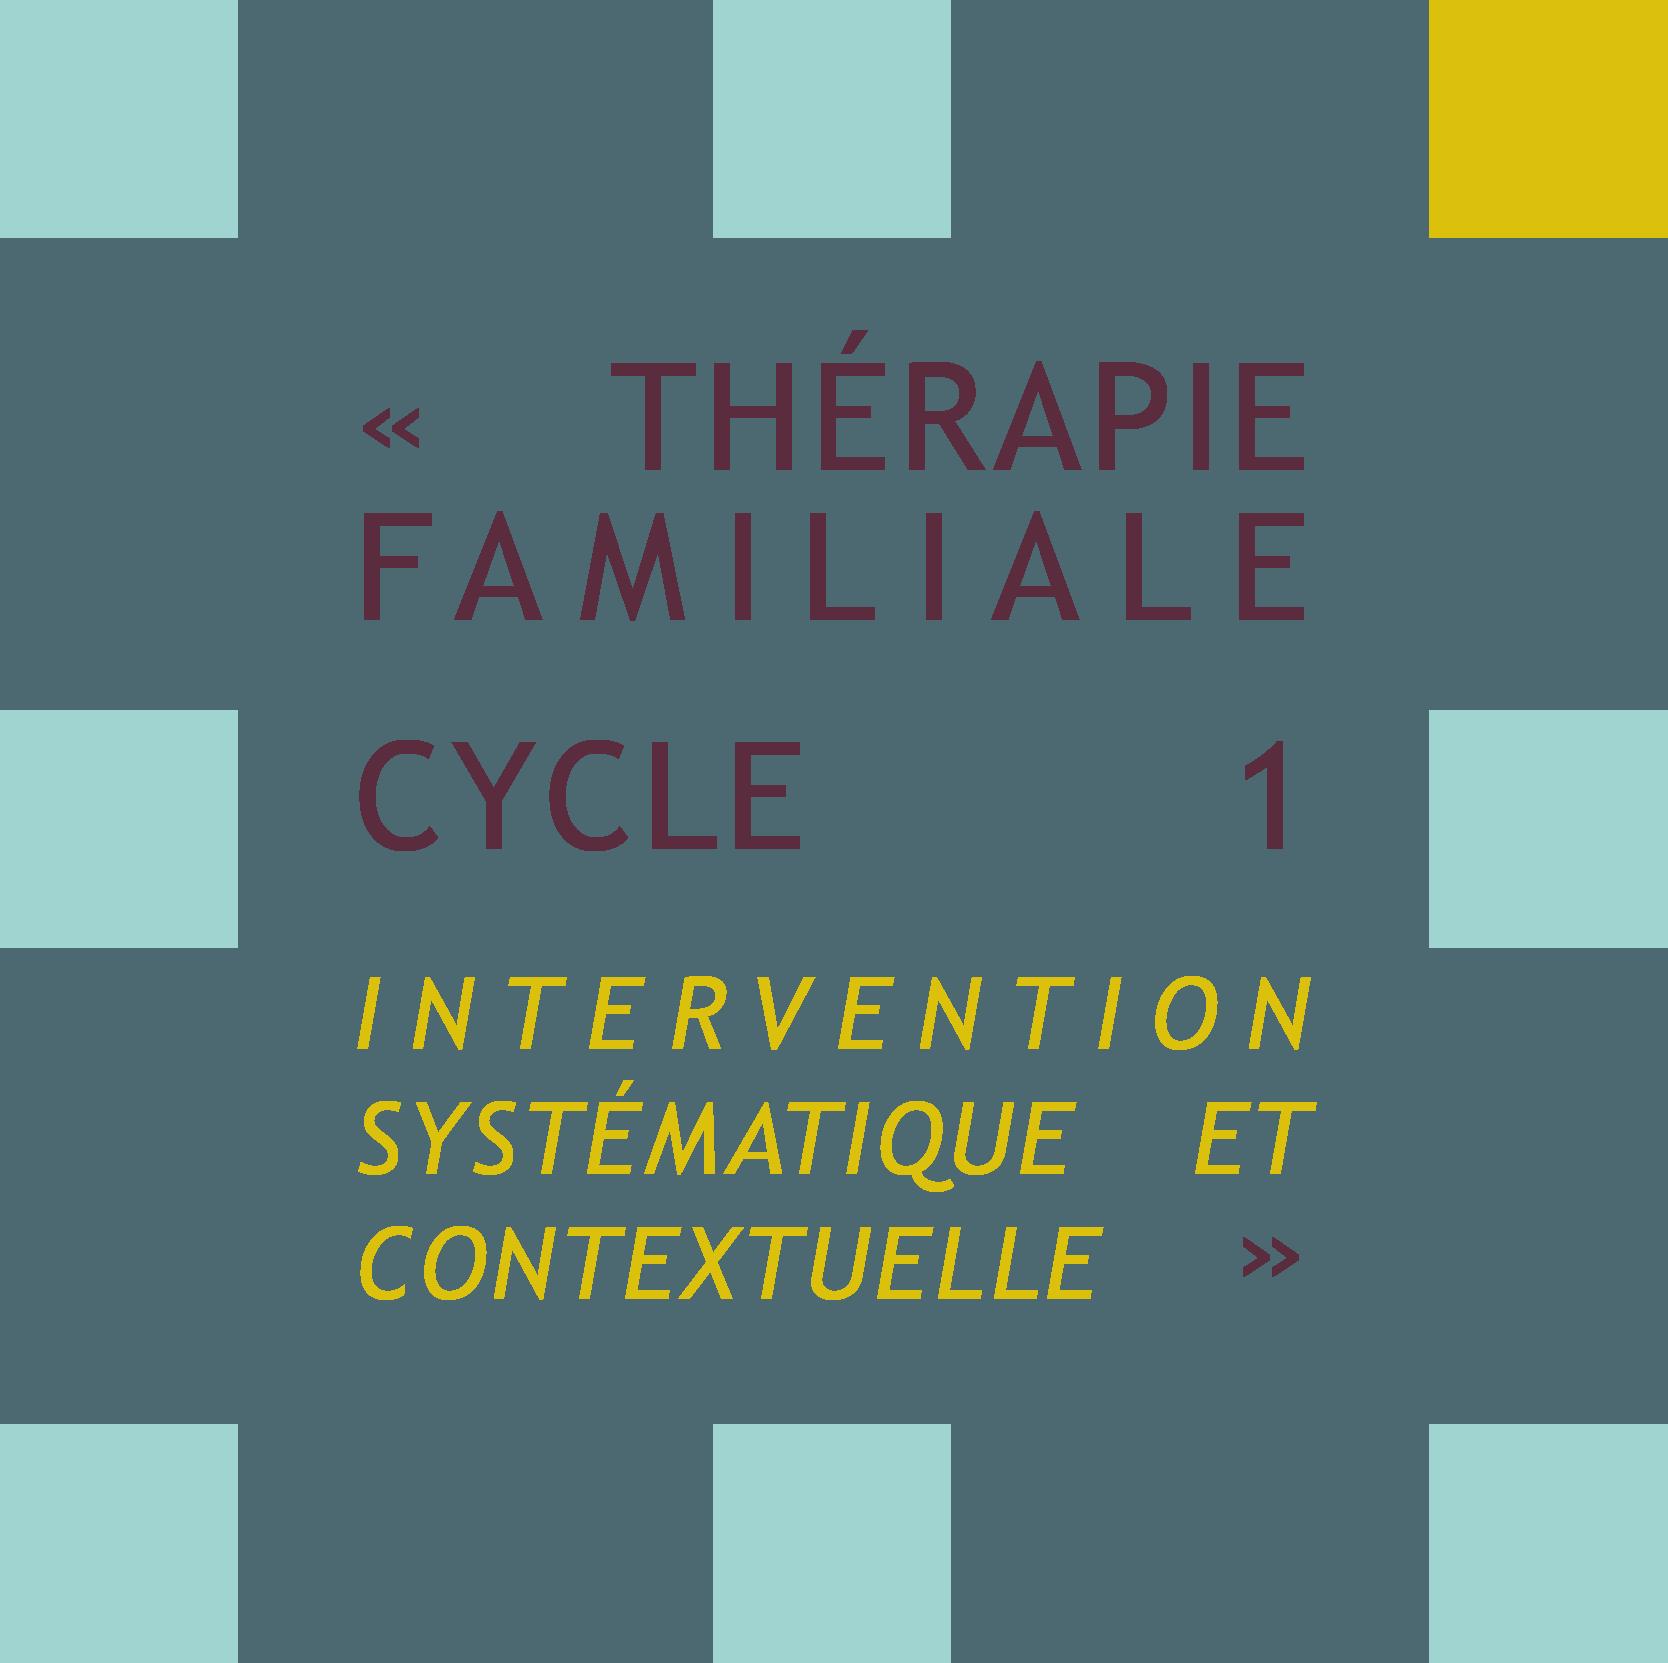 Thérapie familiale cycle 1